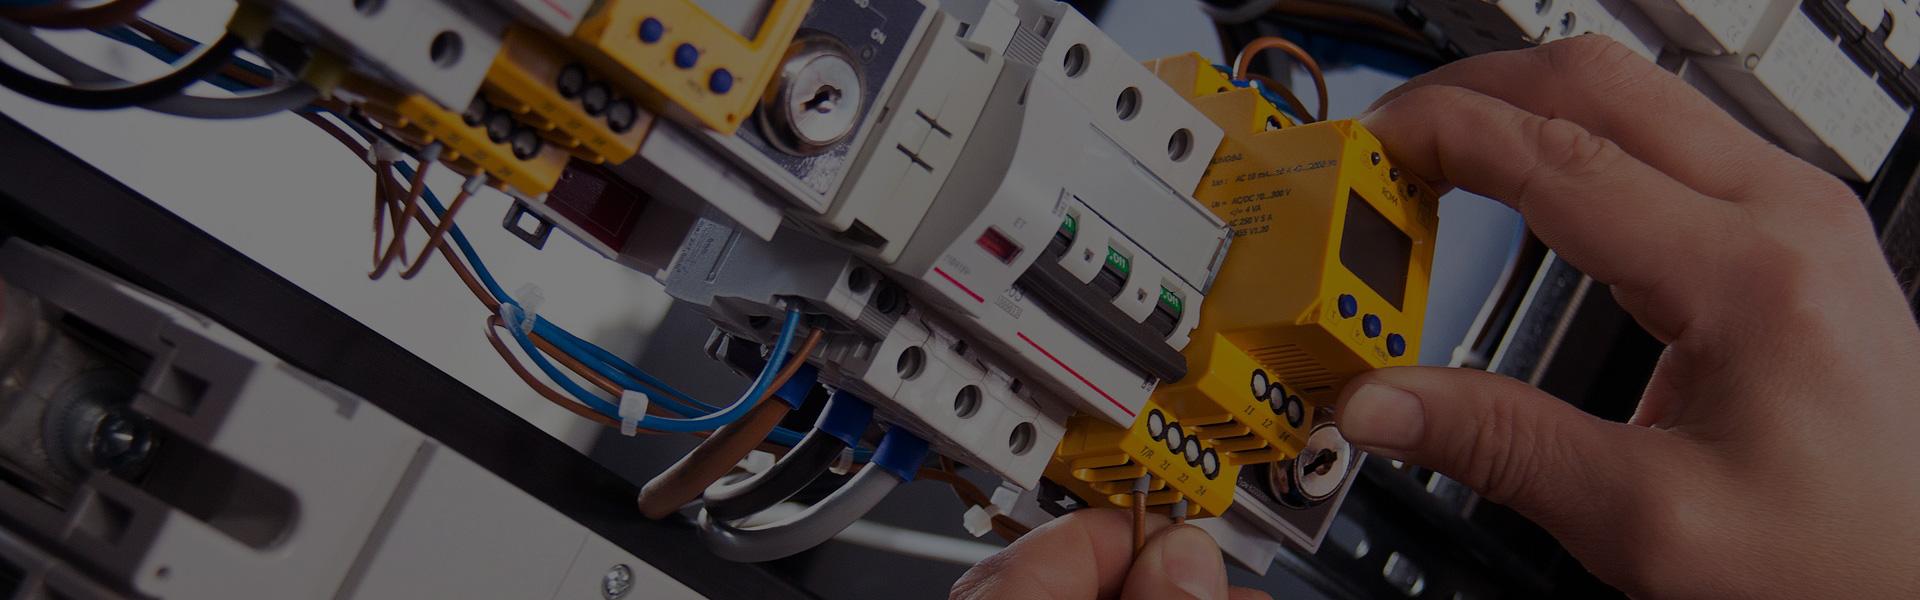 Elektrotechnik - Klassische und Konventionelle Installation Elektrotechnik Moderne Smarthome- und Bustechnik - Konventionelle Installationen